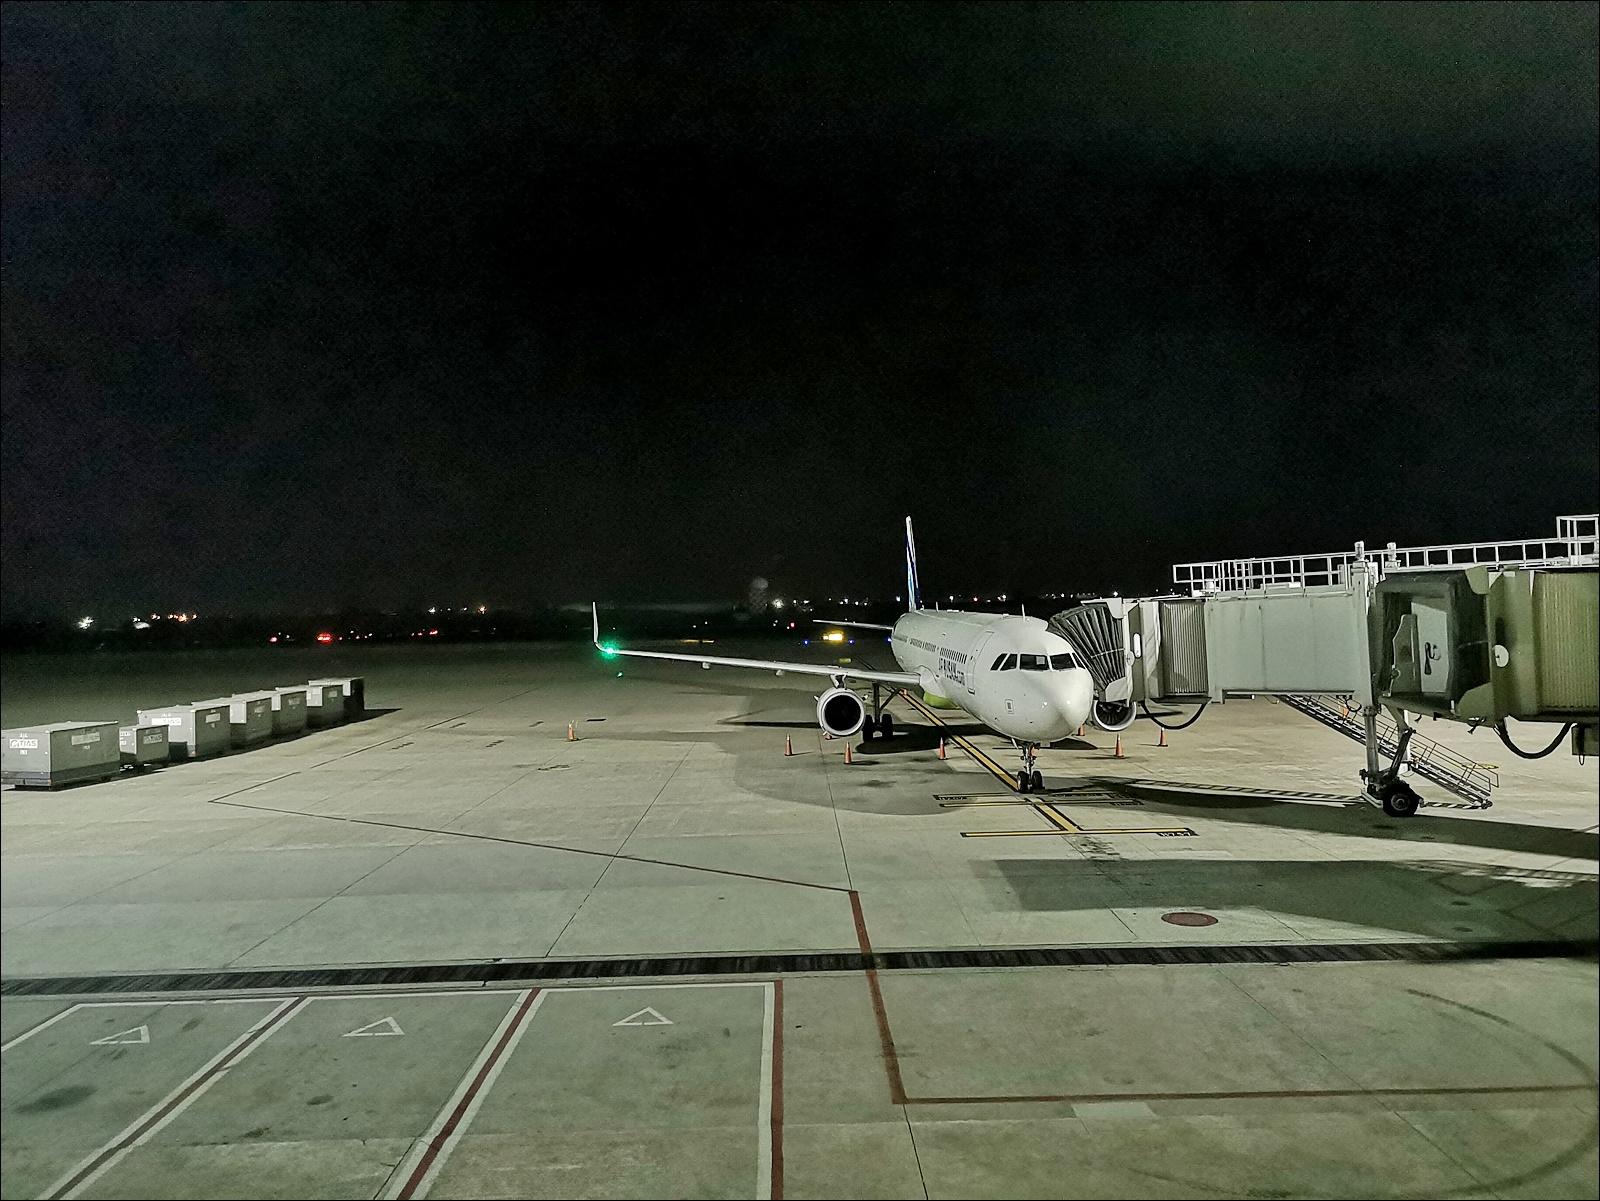 釜山航空紅眼班機